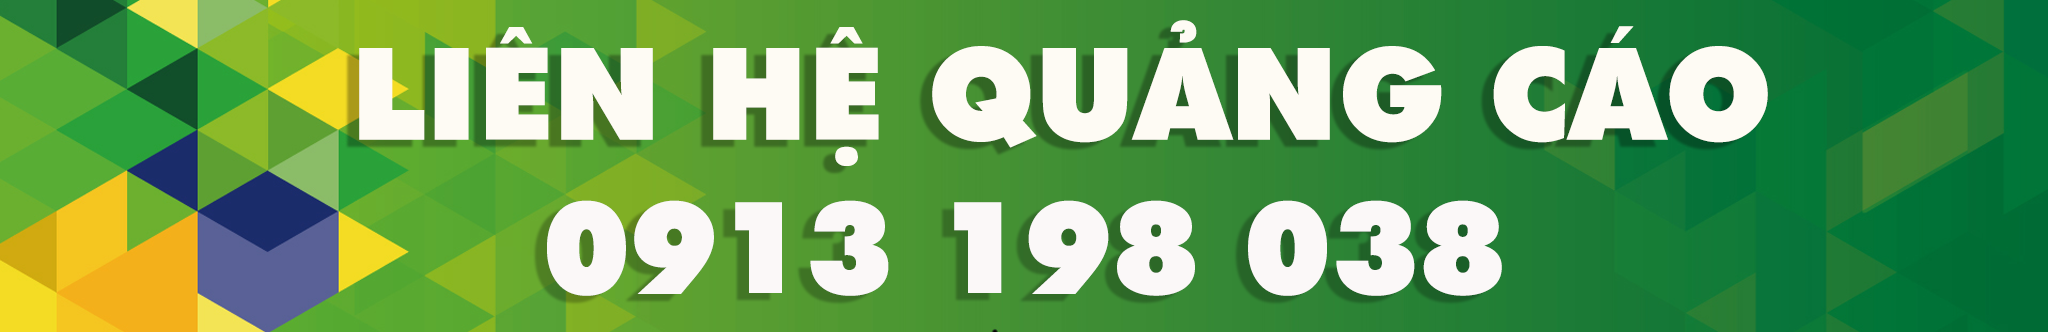 banner quảng cáo 164x193 px